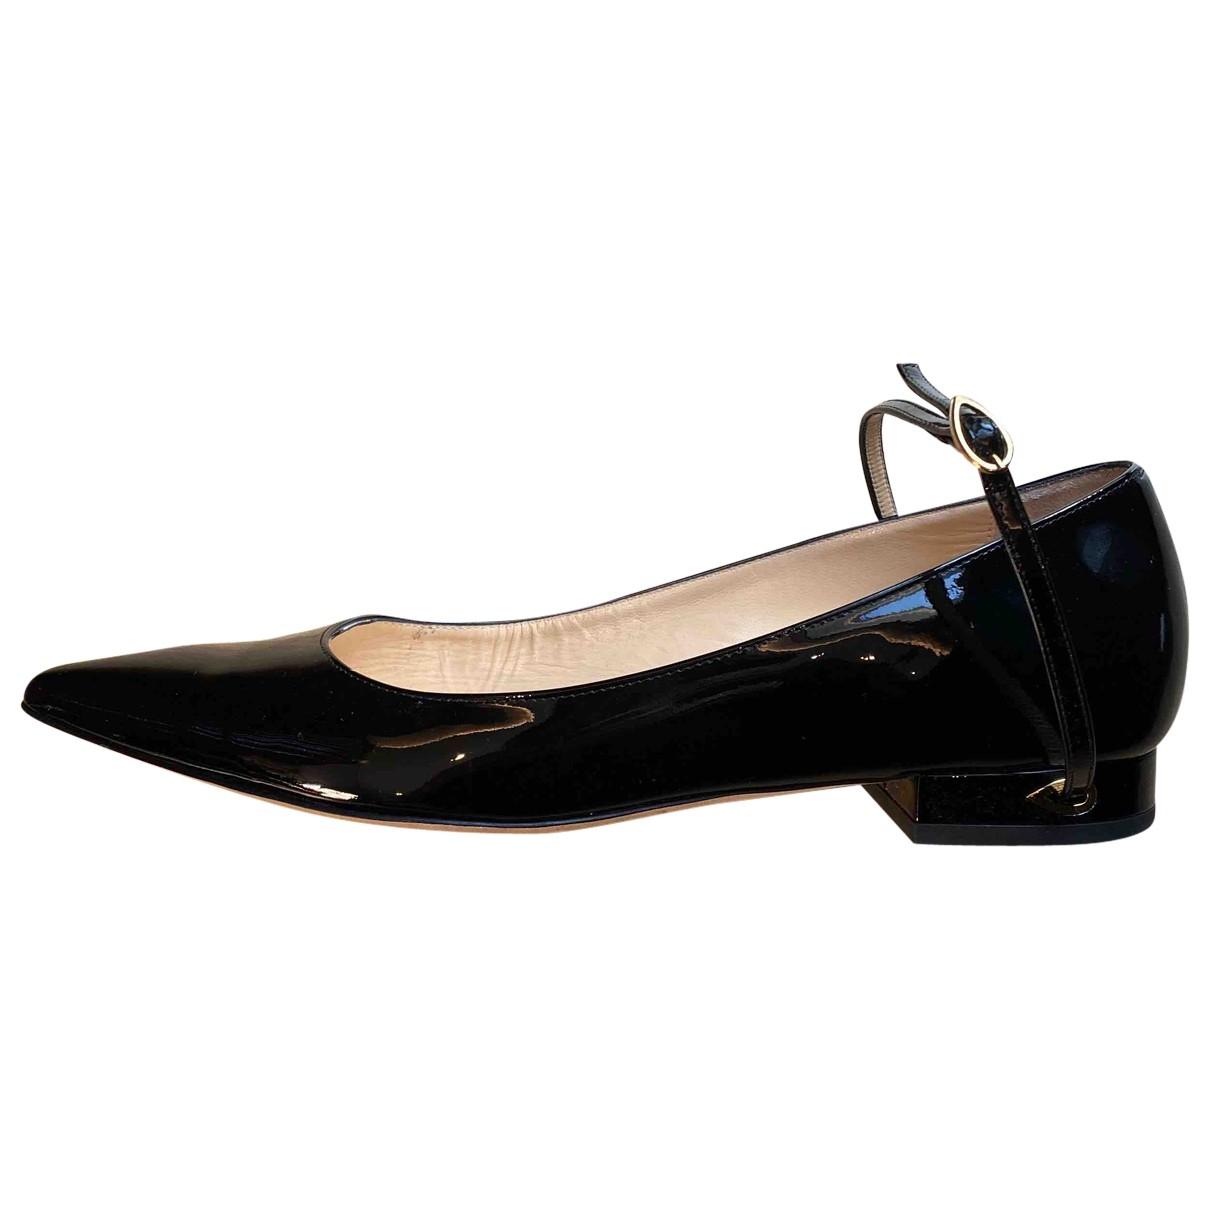 Jennifer Chamandi - Ballerines   pour femme en cuir verni - noir